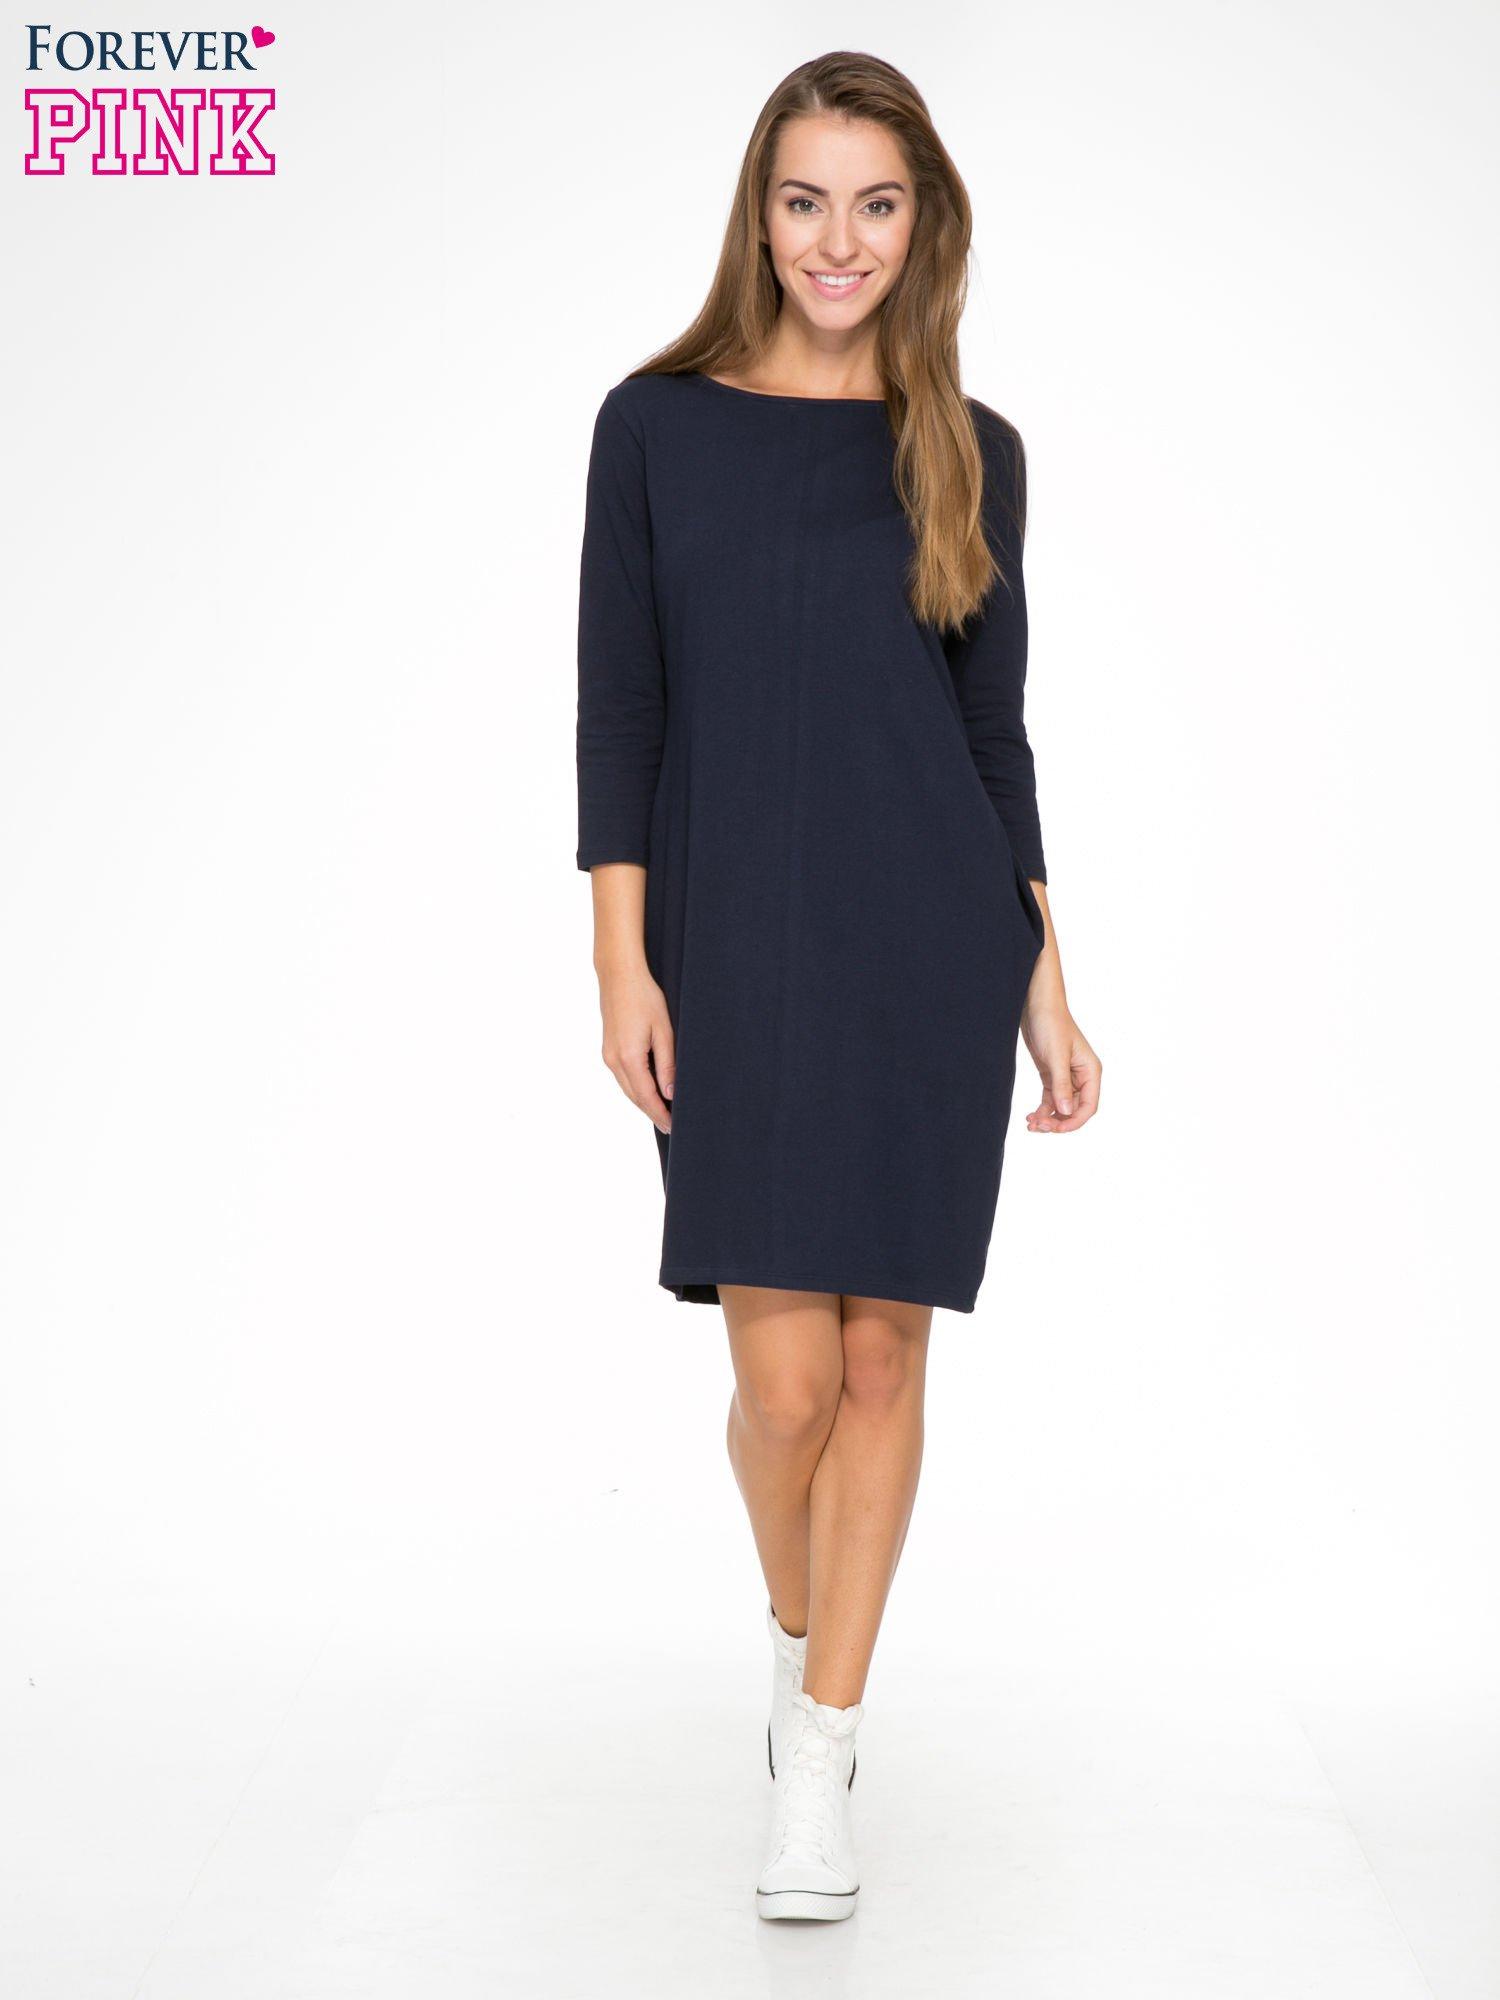 Ciemnogranatowa dresowa sukienka z kieszeniami po bokach                                  zdj.                                  2